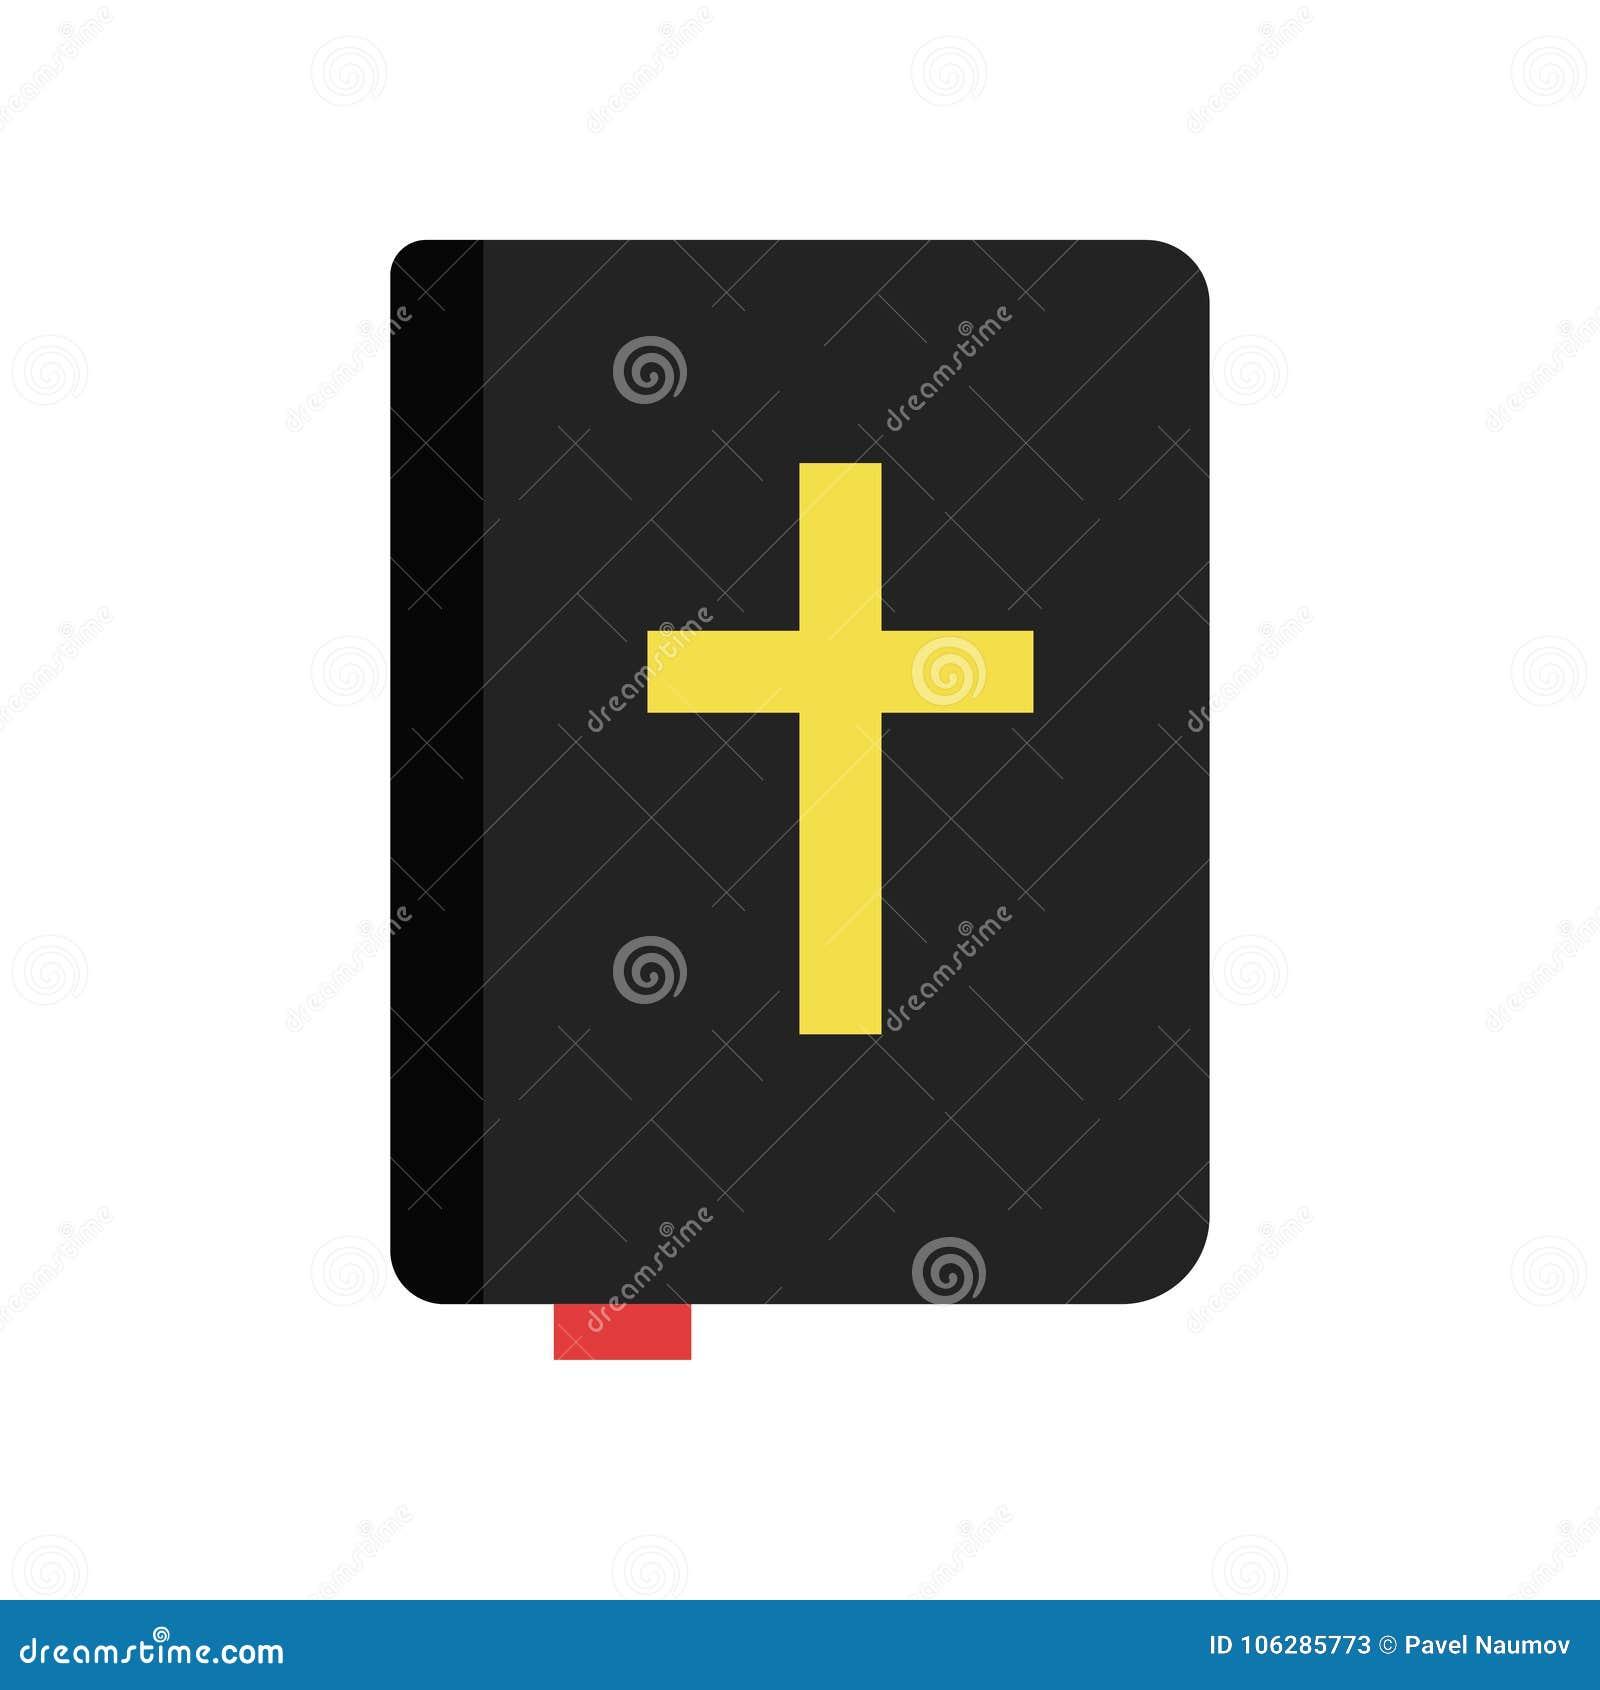 Sagrada Biblia Libro cristiano de textos sagrados Literatura religiosa Tradiciones de la religión de la iglesia ortodoxa Icono en